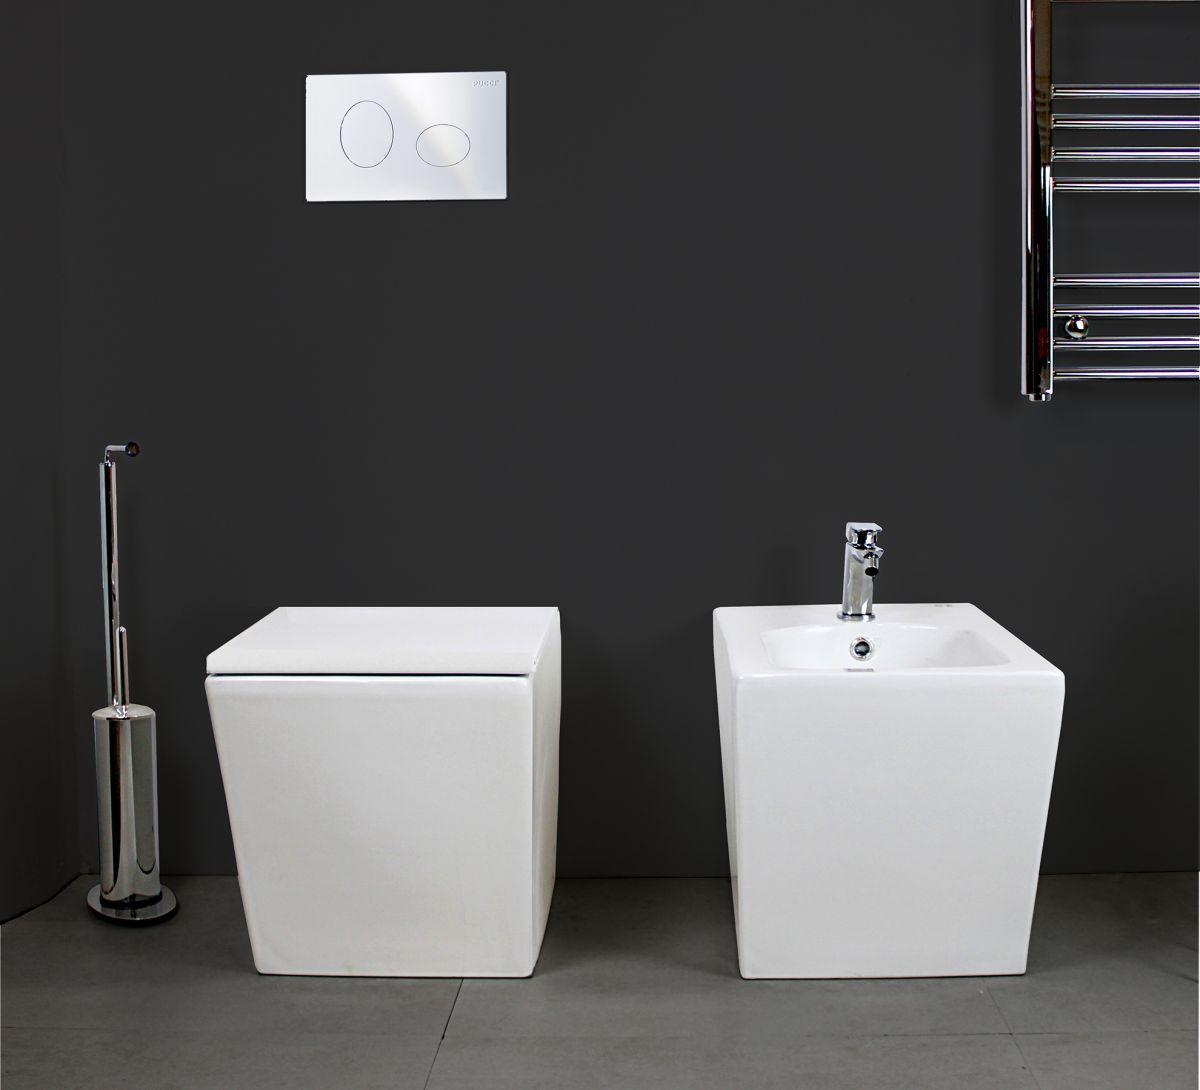 LINEA TERRA 2 1 Sanitari filo muro Linea in ceramica Vaso+Bidet+Coprivaso Soft Close